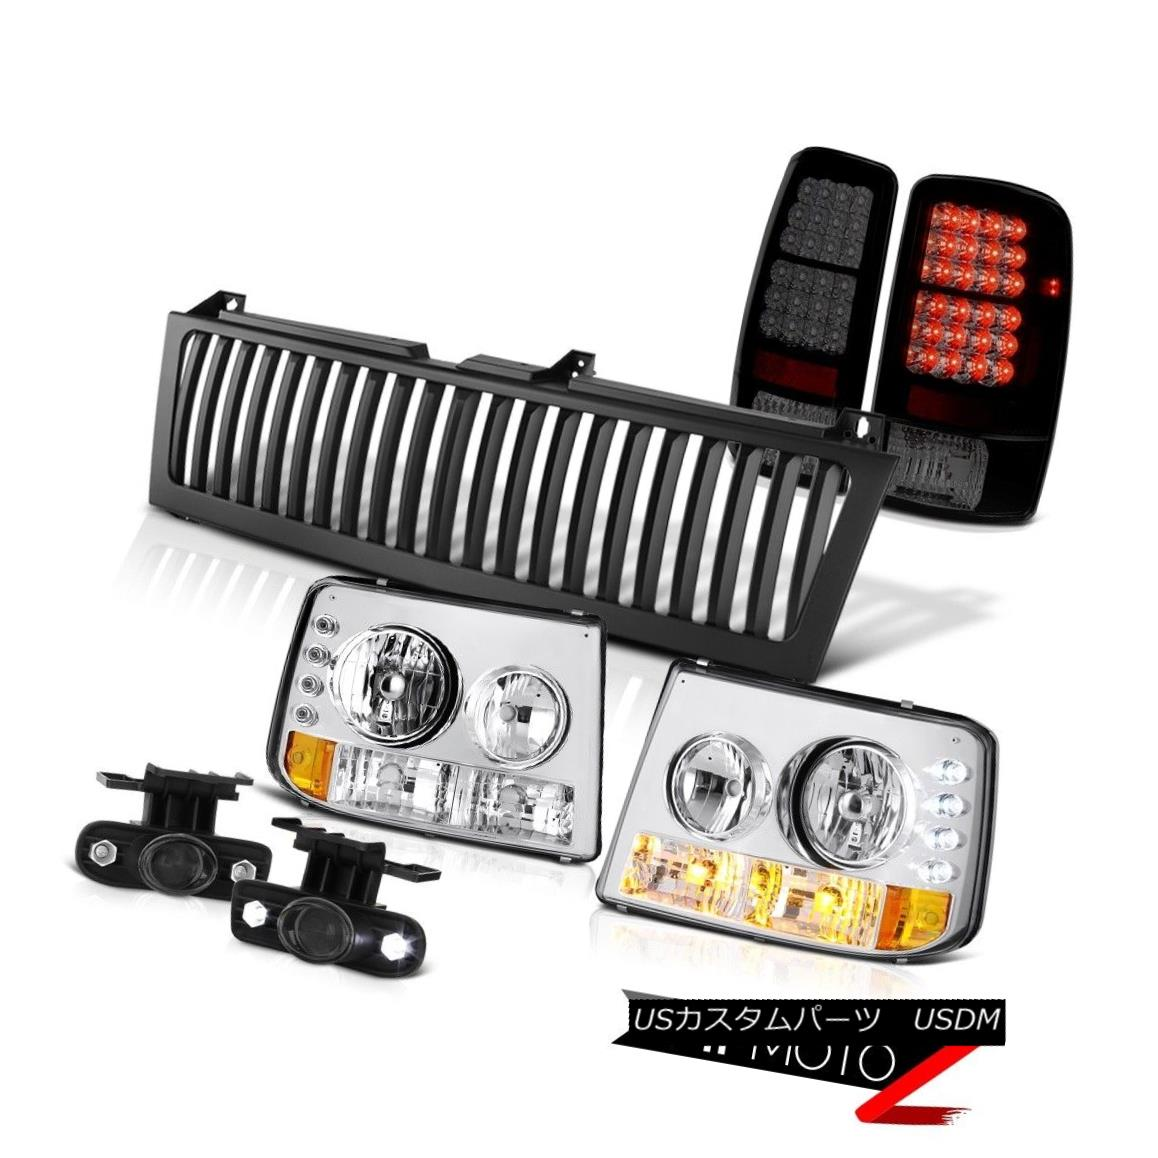 テールライト 00-06 Suburban 8.1L Headlights Bumper LED Taillights Projector Foglights Grille 00-06郊外8.1LヘッドライトバンパーLEDテールライトプロジェクターフォグライティンググリル